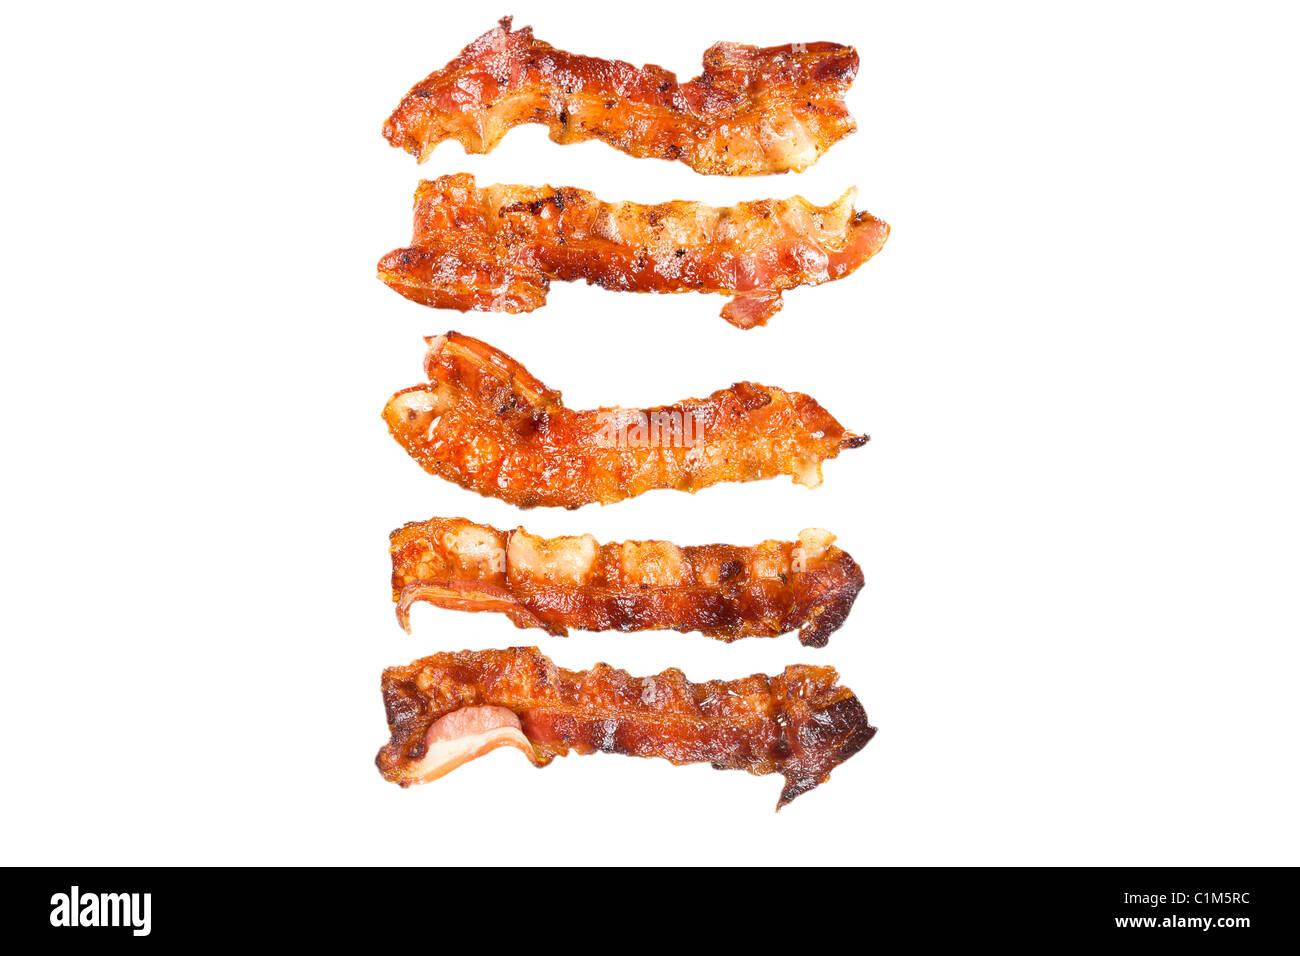 Bacon cotto isolati su sfondo bianco. Charles Lupica Immagini Stock